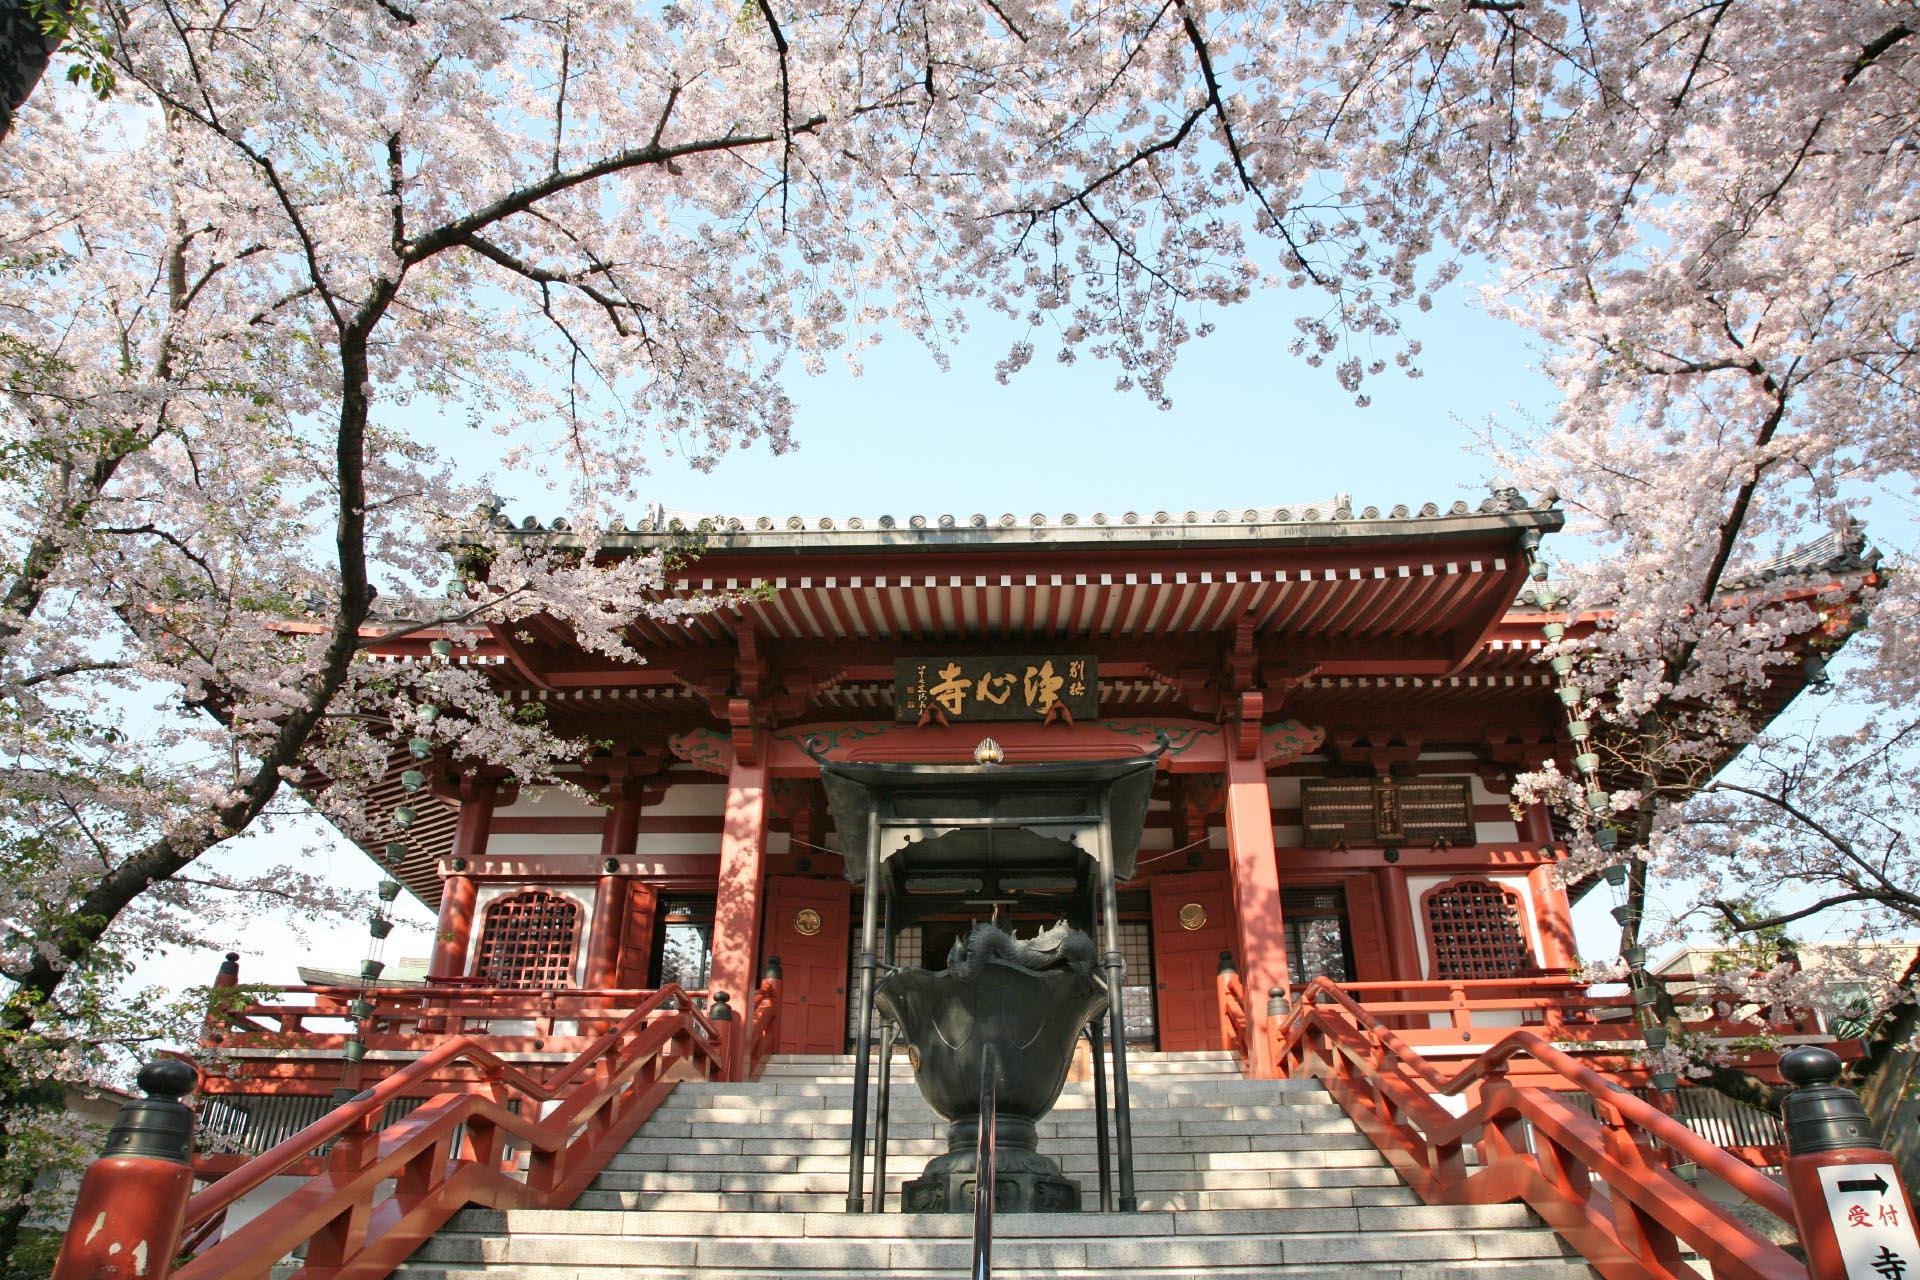 浄心寺の桜の風景 東京の風景